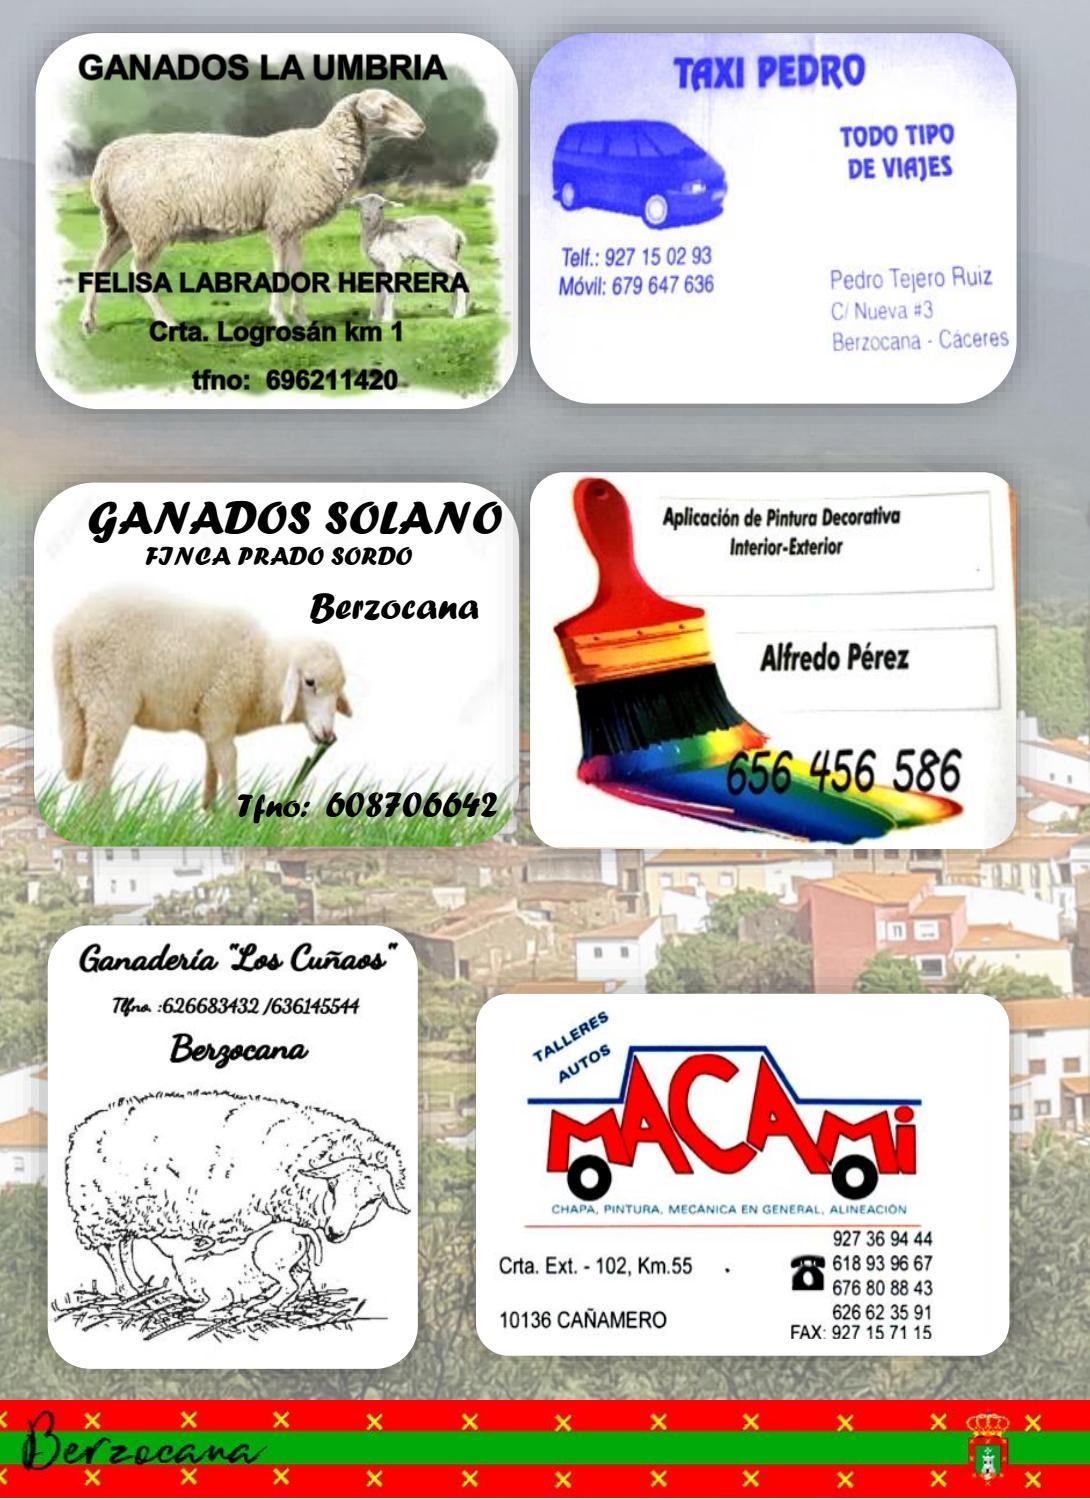 Programa de fiestas en honor a San Fulgencio y Santa Florentina 2018 - Berzocana 17